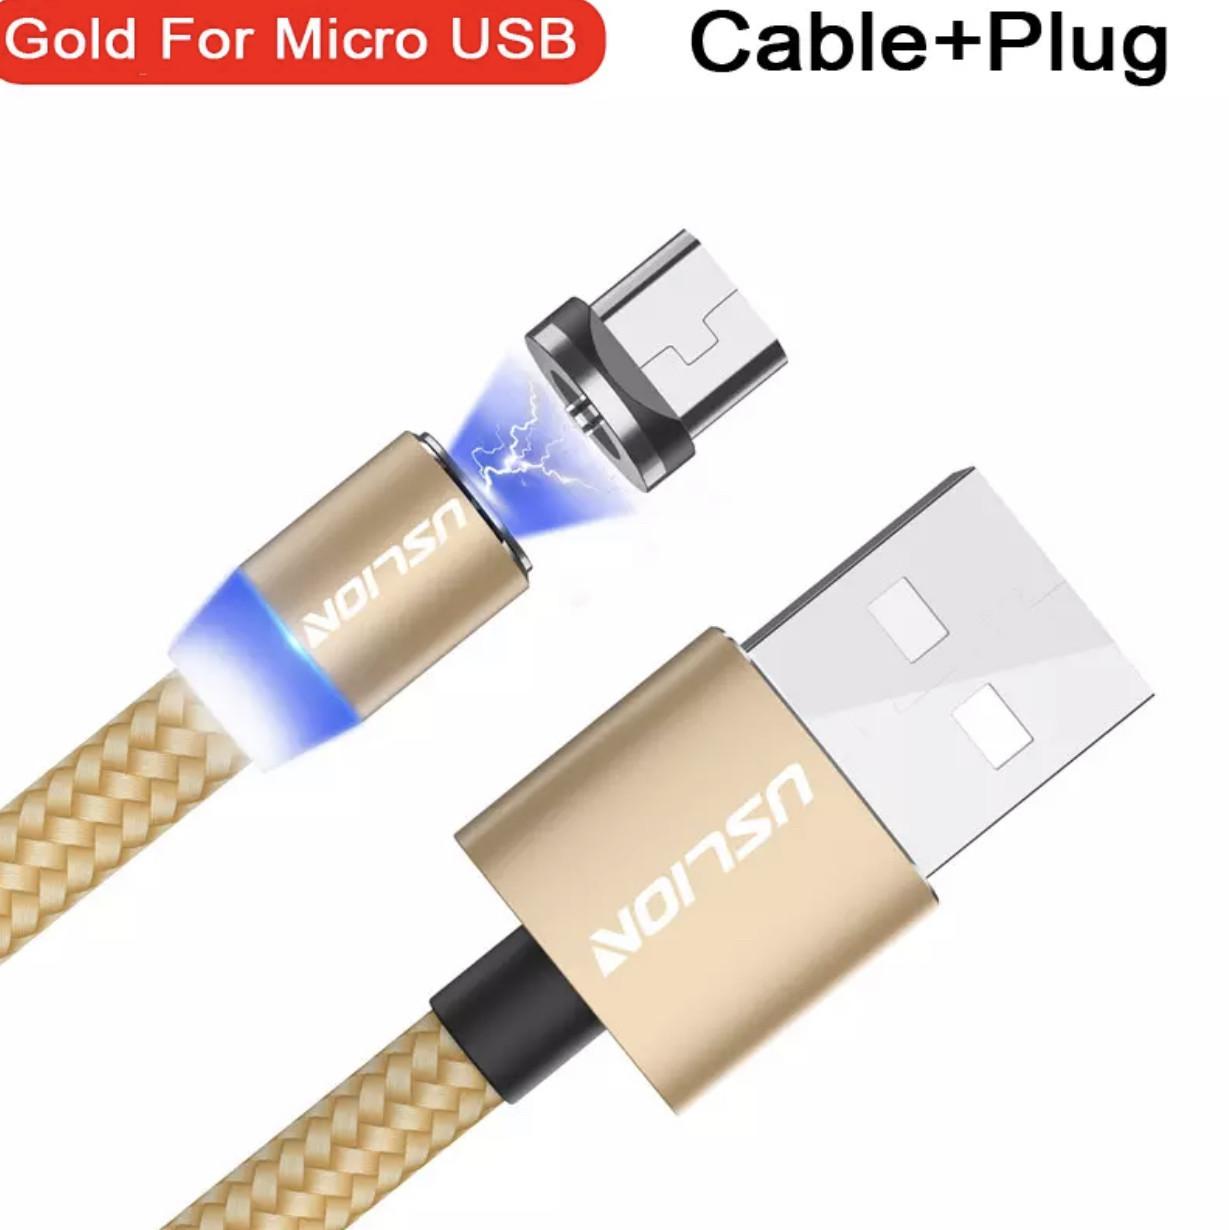 Магнитный USB кабель Lighting для Iphone/IPad золотой